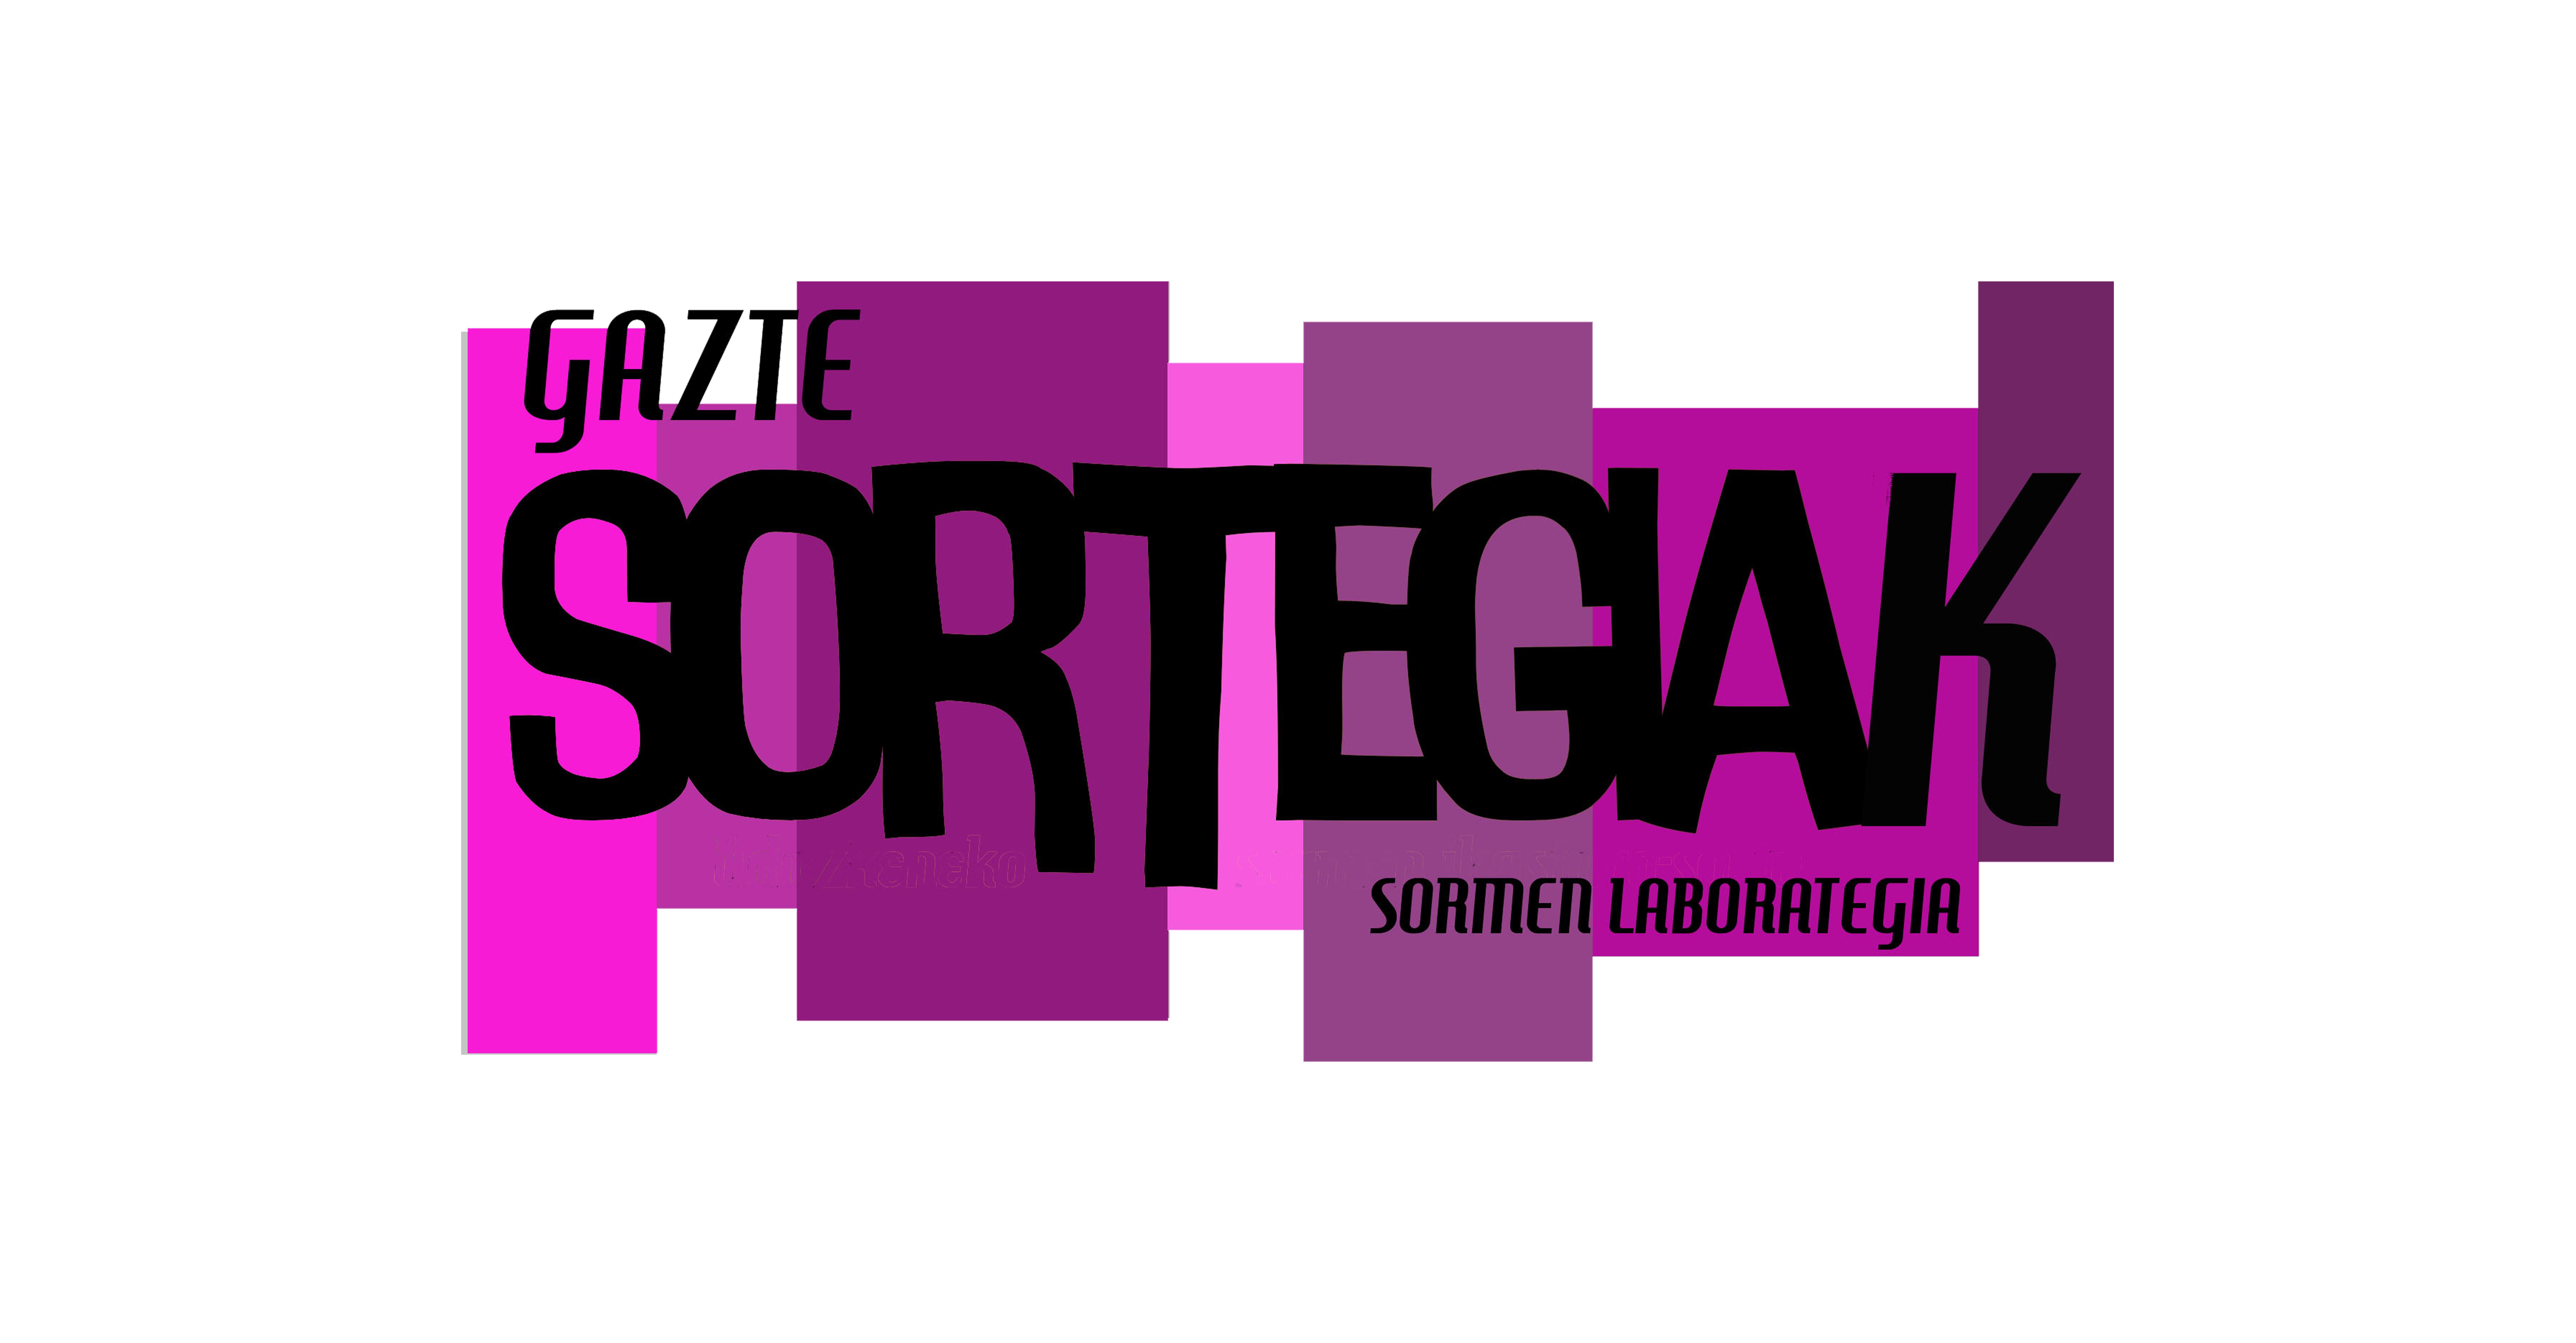 Gazte sortegiak 2019: <br />Sormen laborategi berriak Oihanederren <br />